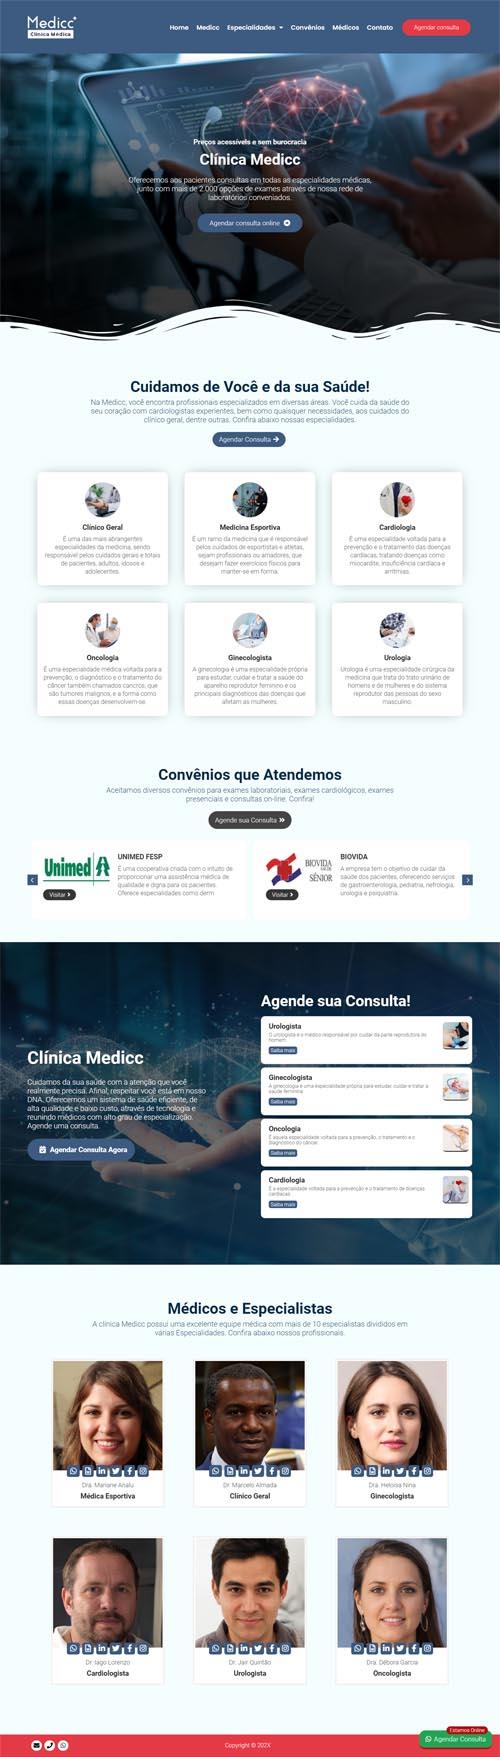 Página inicial modelo Medicc - Site para médicos autônomos, clinica de médicos ou consultórios médicos.